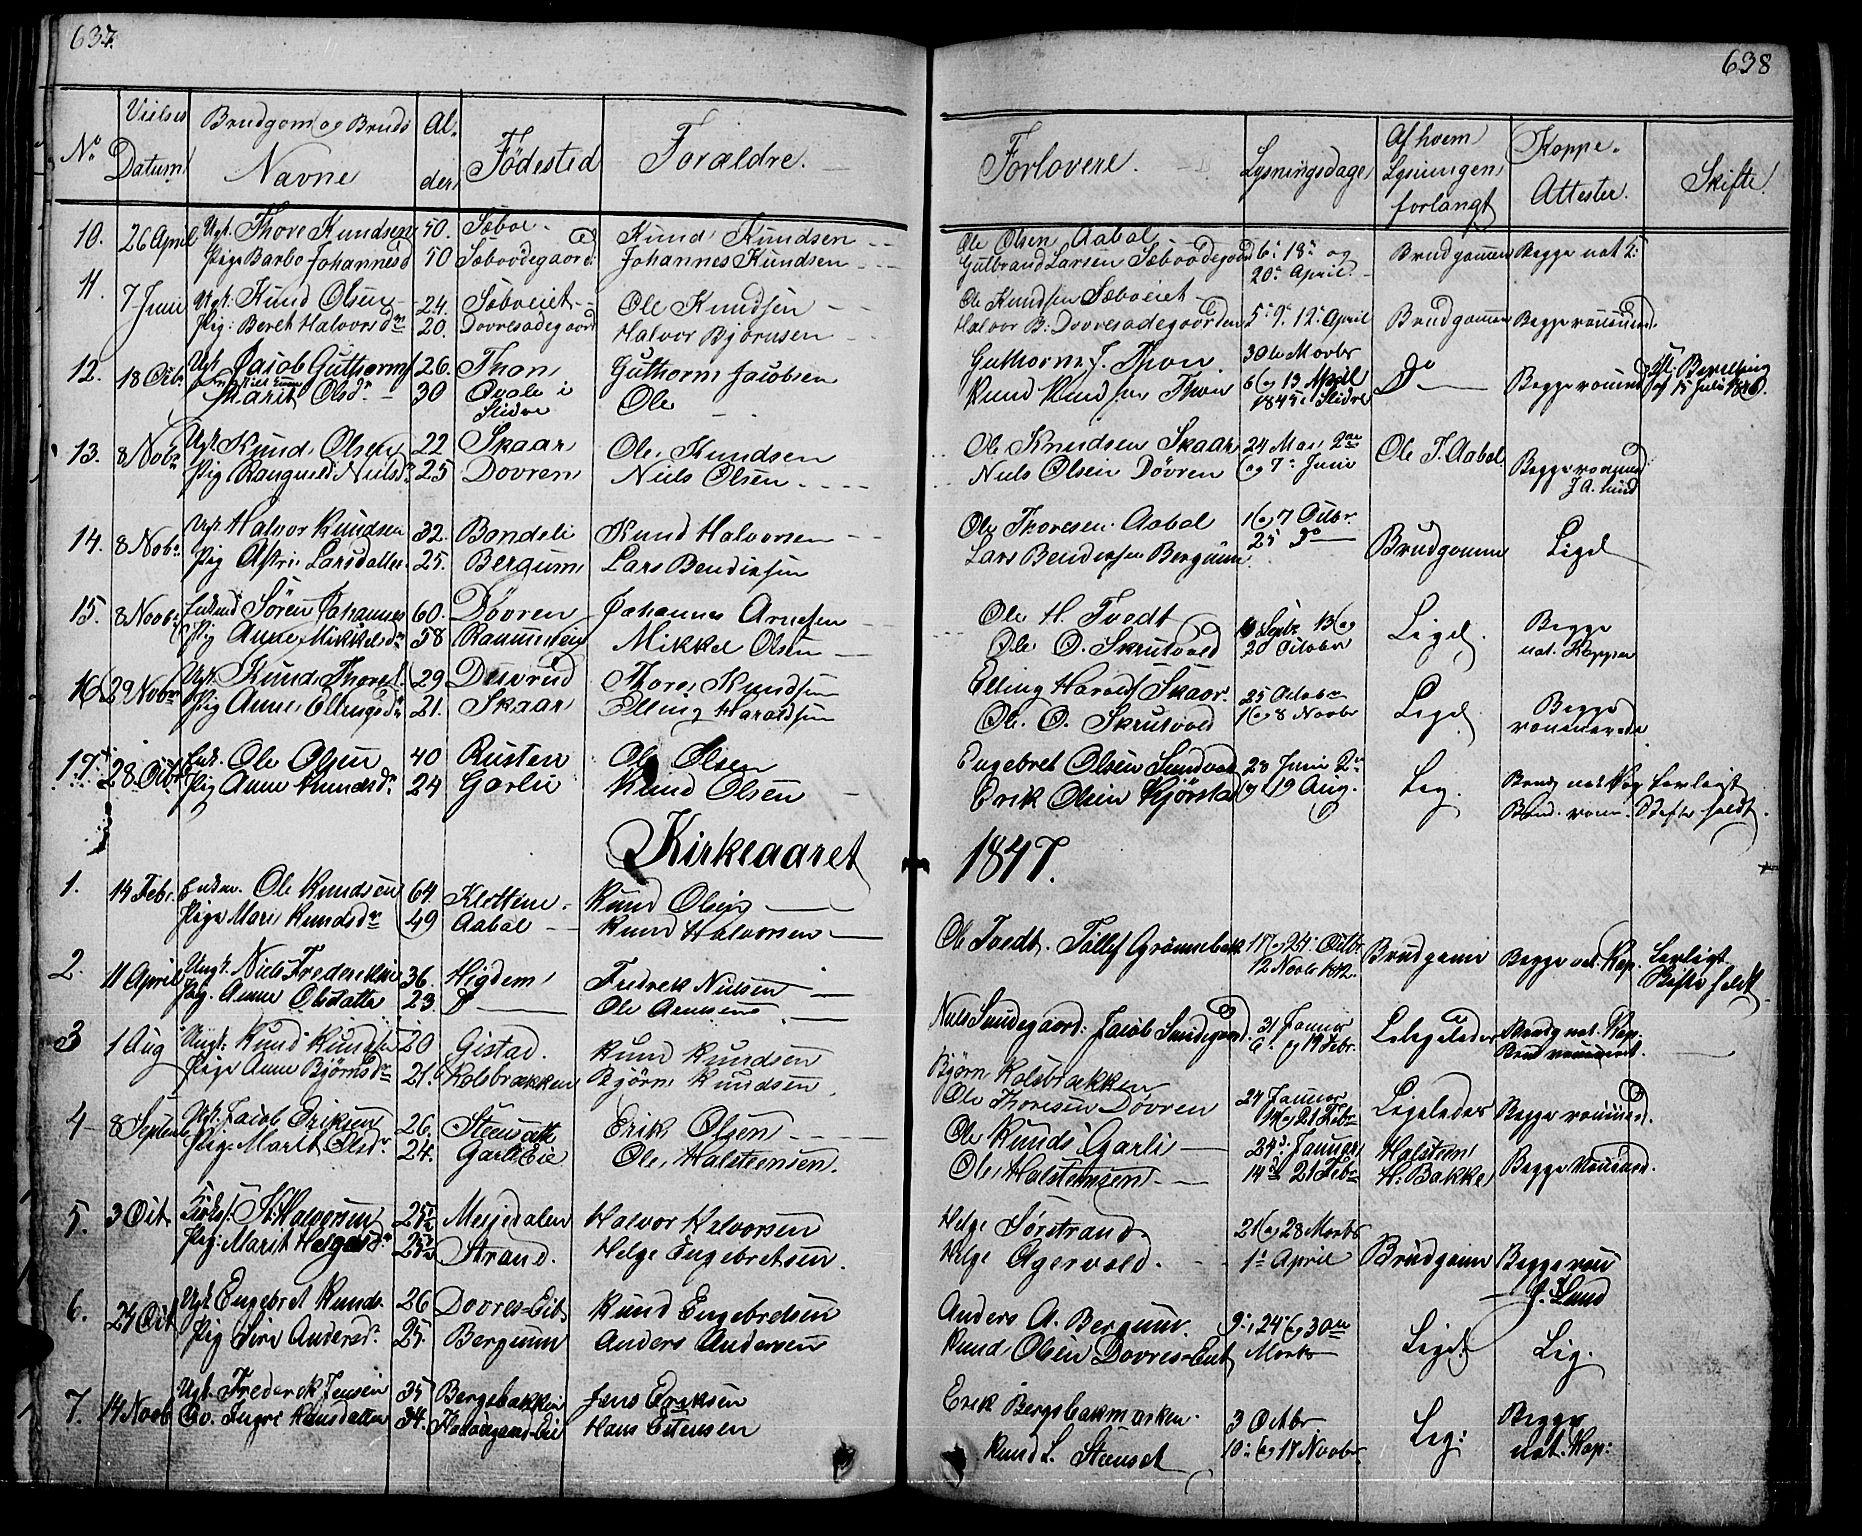 SAH, Nord-Aurdal prestekontor, Klokkerbok nr. 1, 1834-1887, s. 637-638